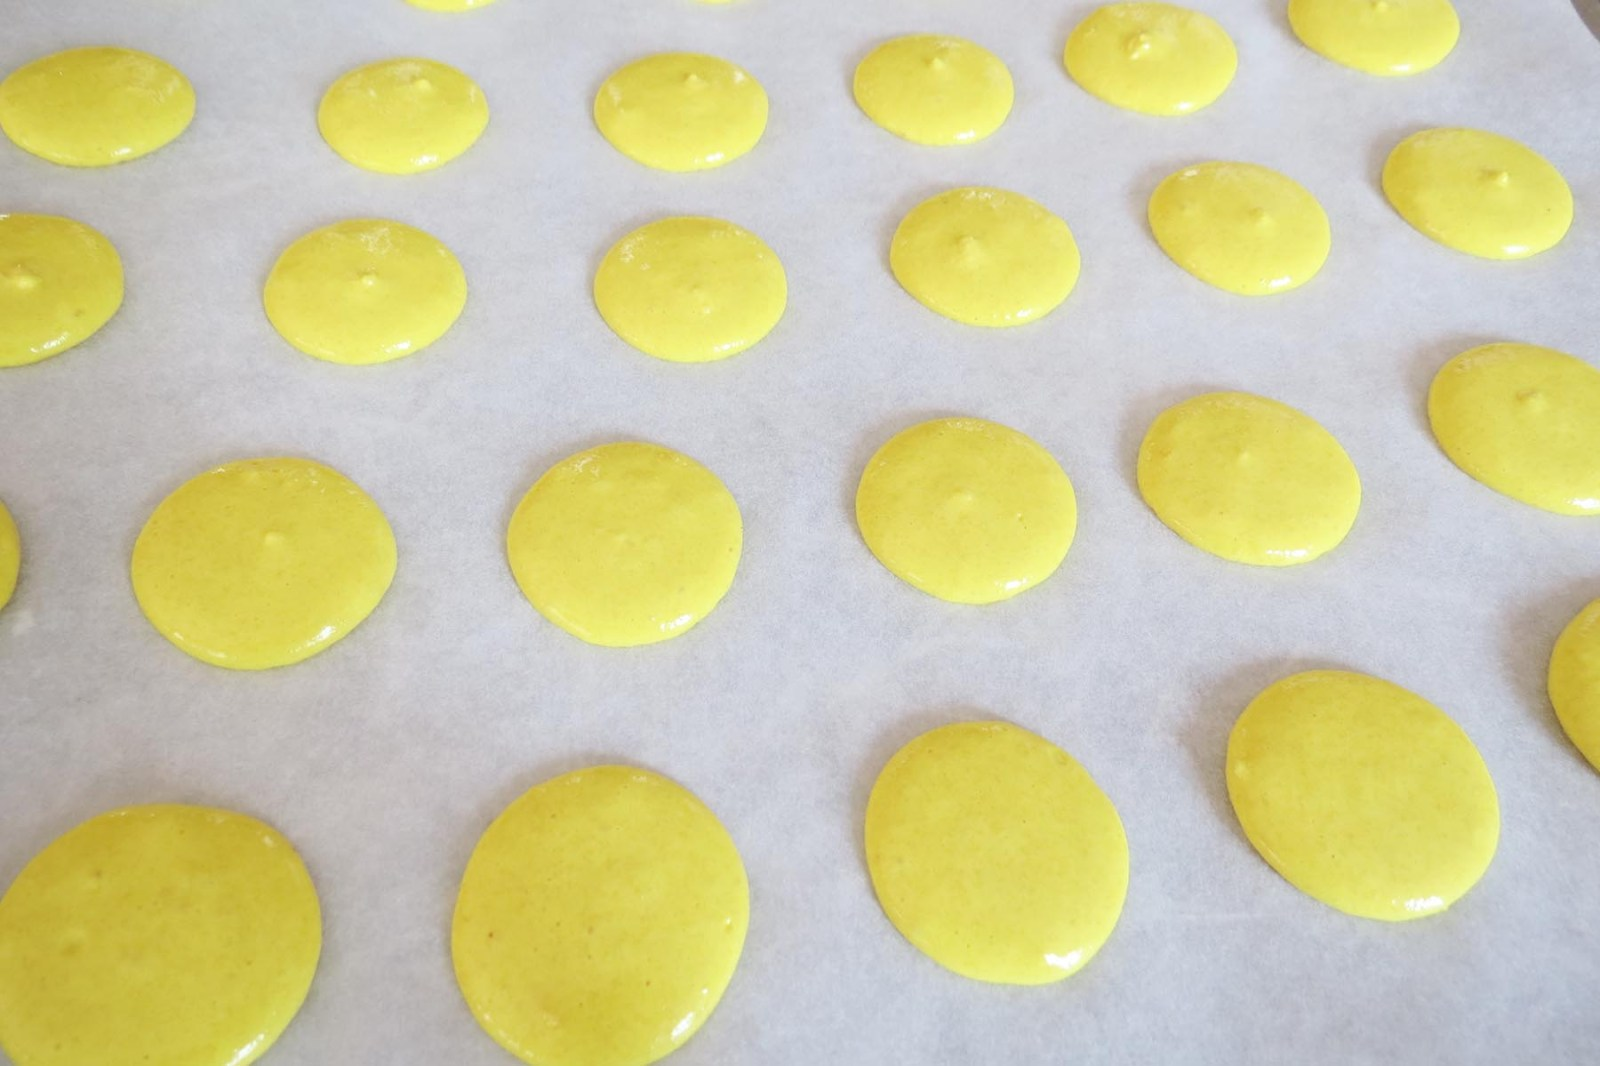 macaroons-before-baking